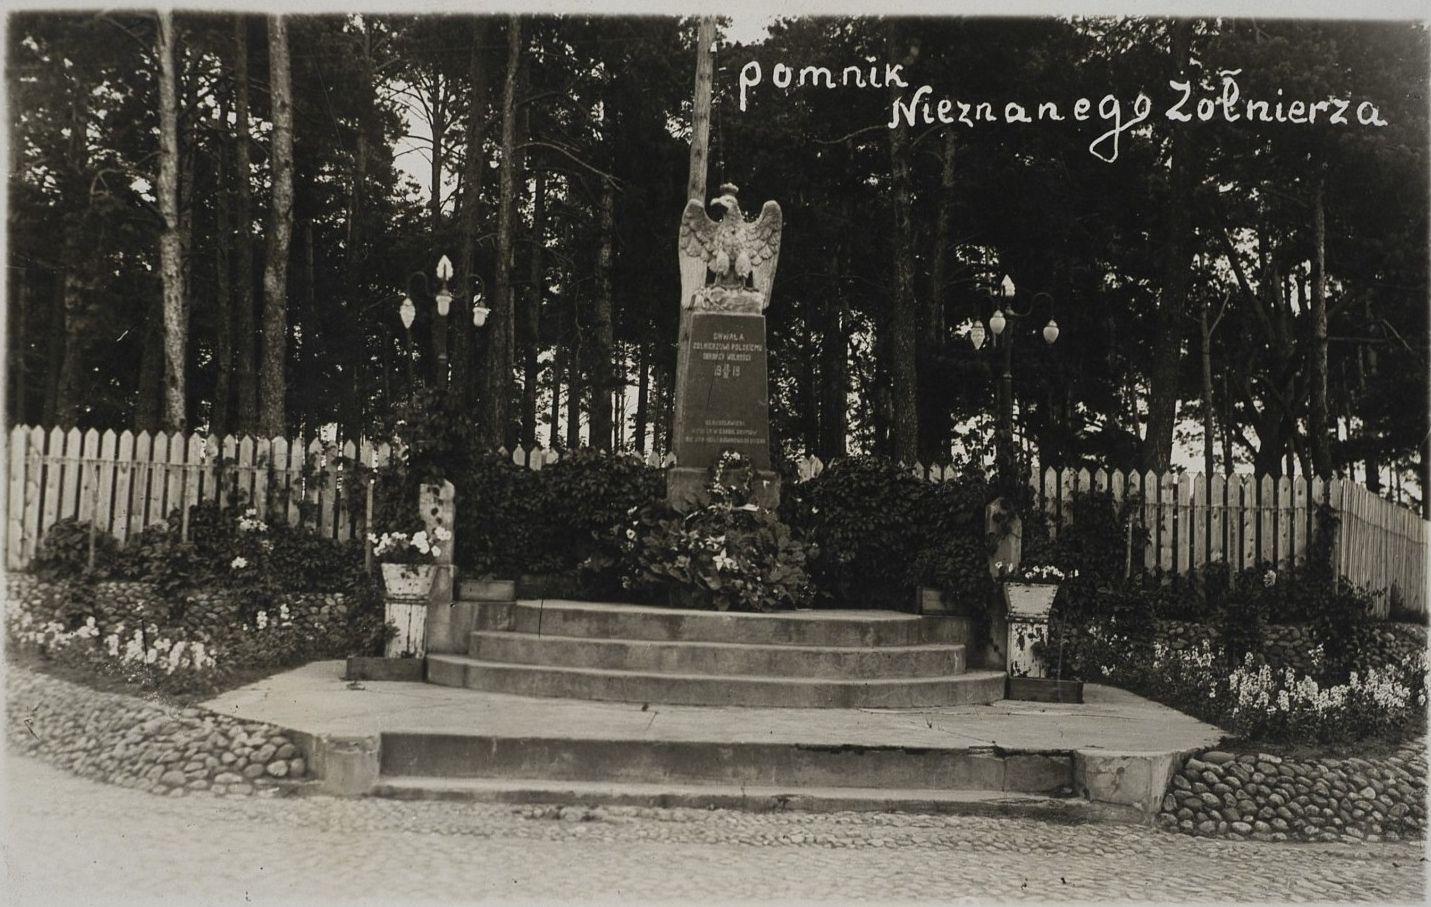 Памятник неизвестному солдату в Барановичах. Польская открытка междувоенного периода.